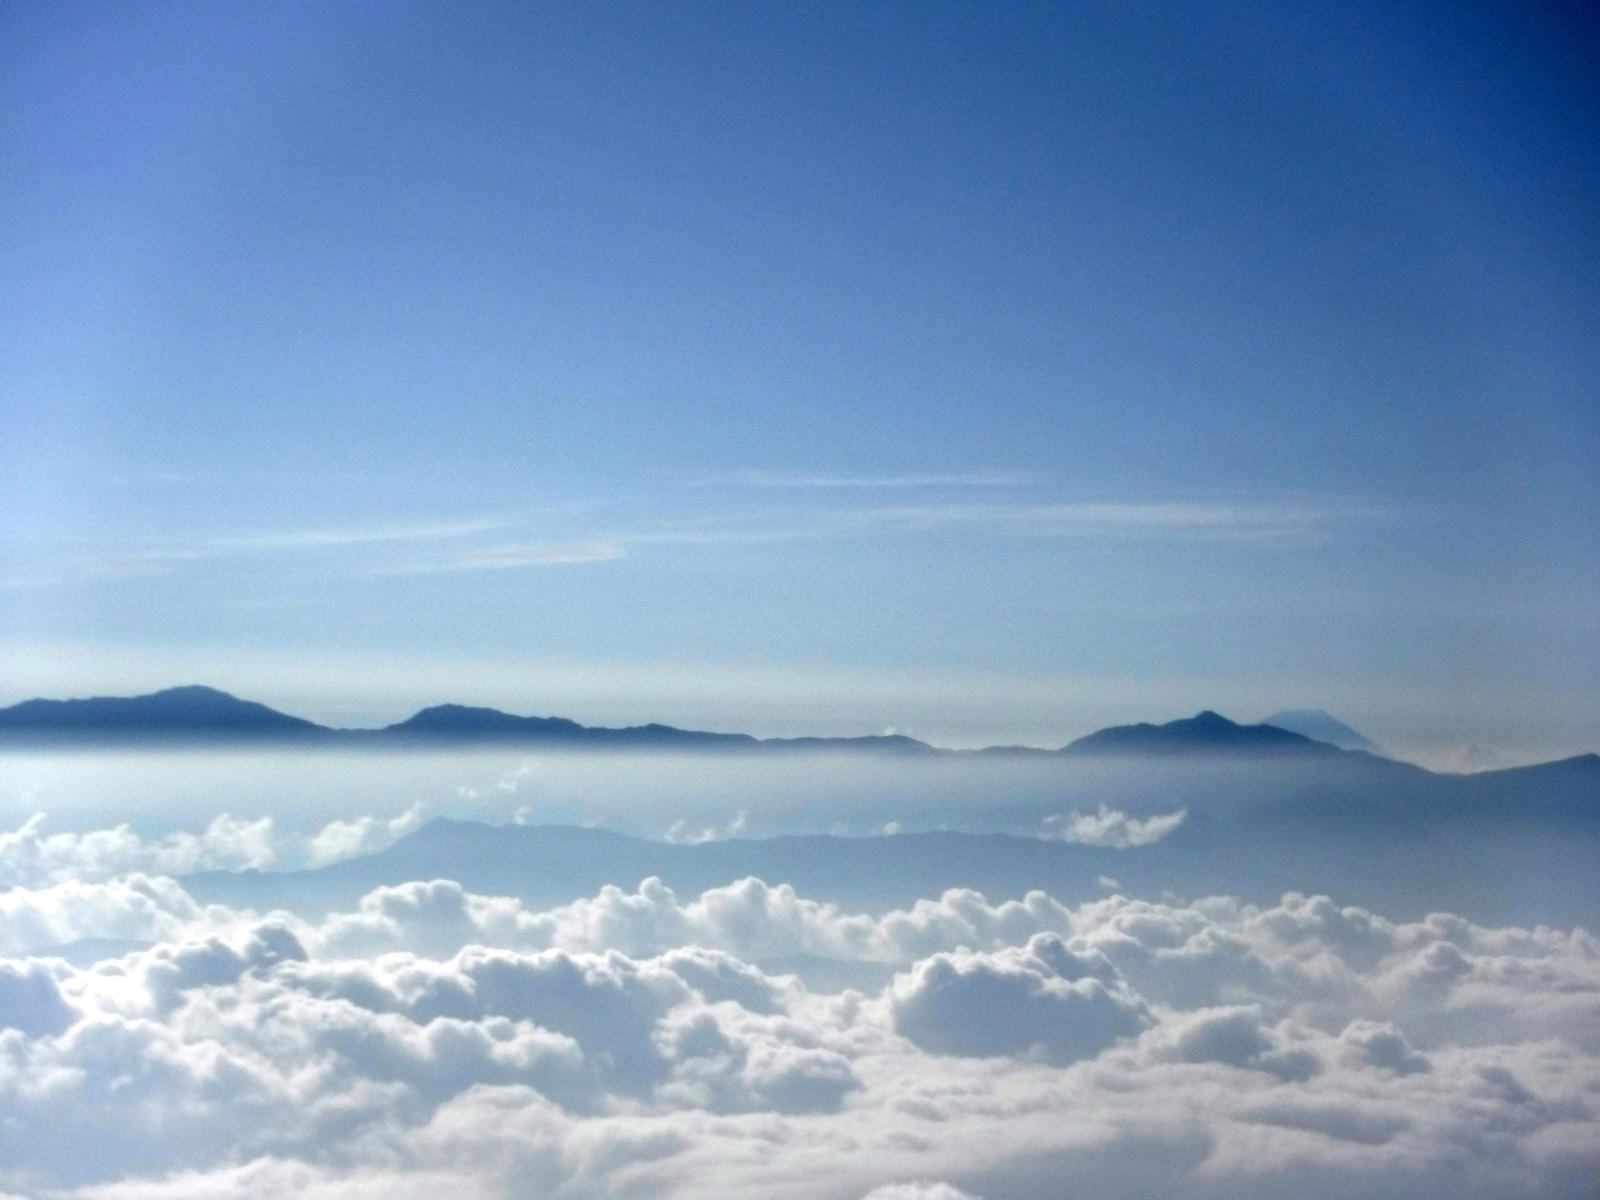 塩見岳の右側に富士山が